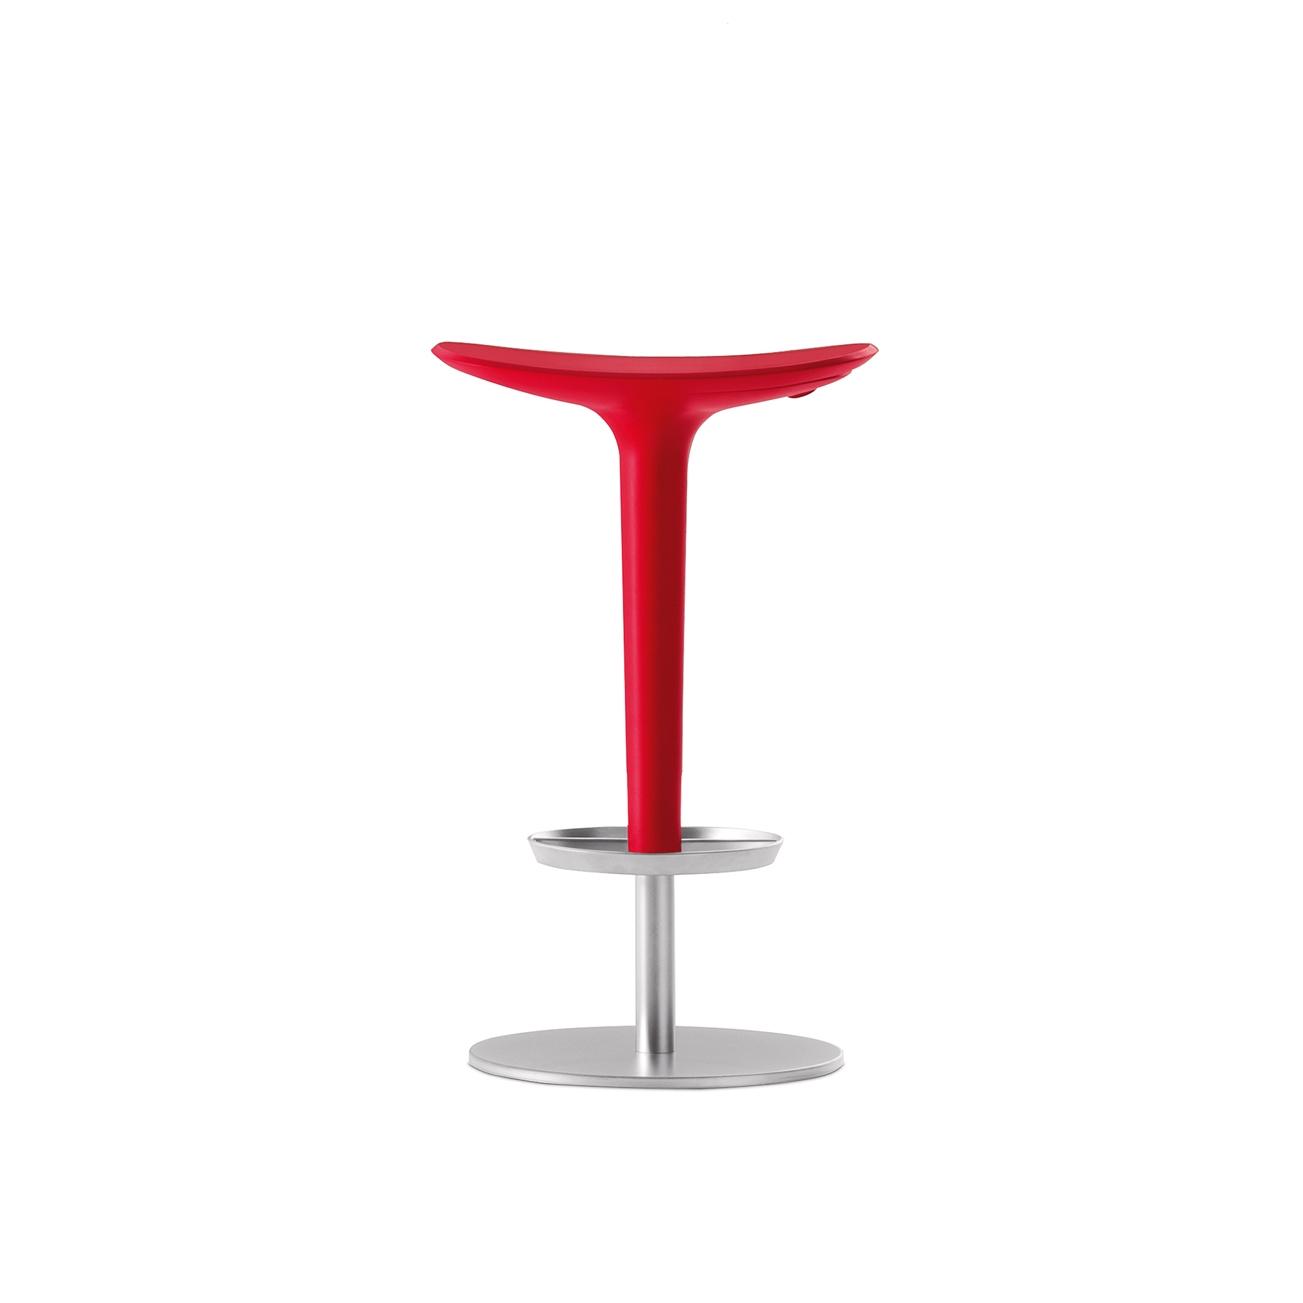 Arper_Babar_stool_freestanding_upholstery_1751_1.jpg